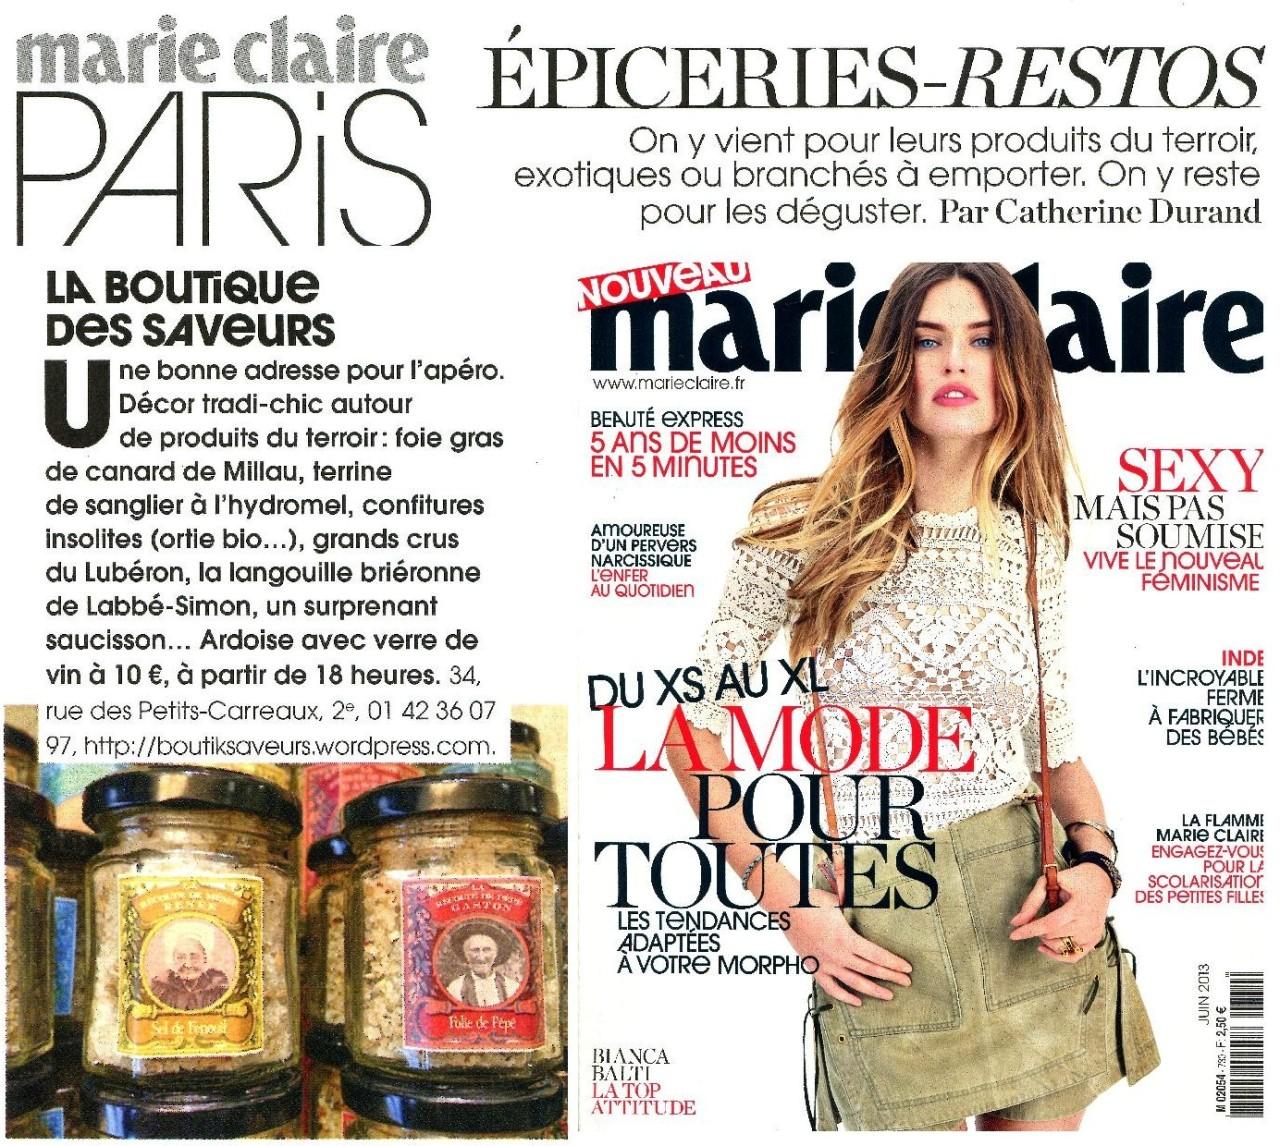 Boutique Des Saveurs - www.boutiksaveurs.com / Epiceries-Restos - Marie Claire